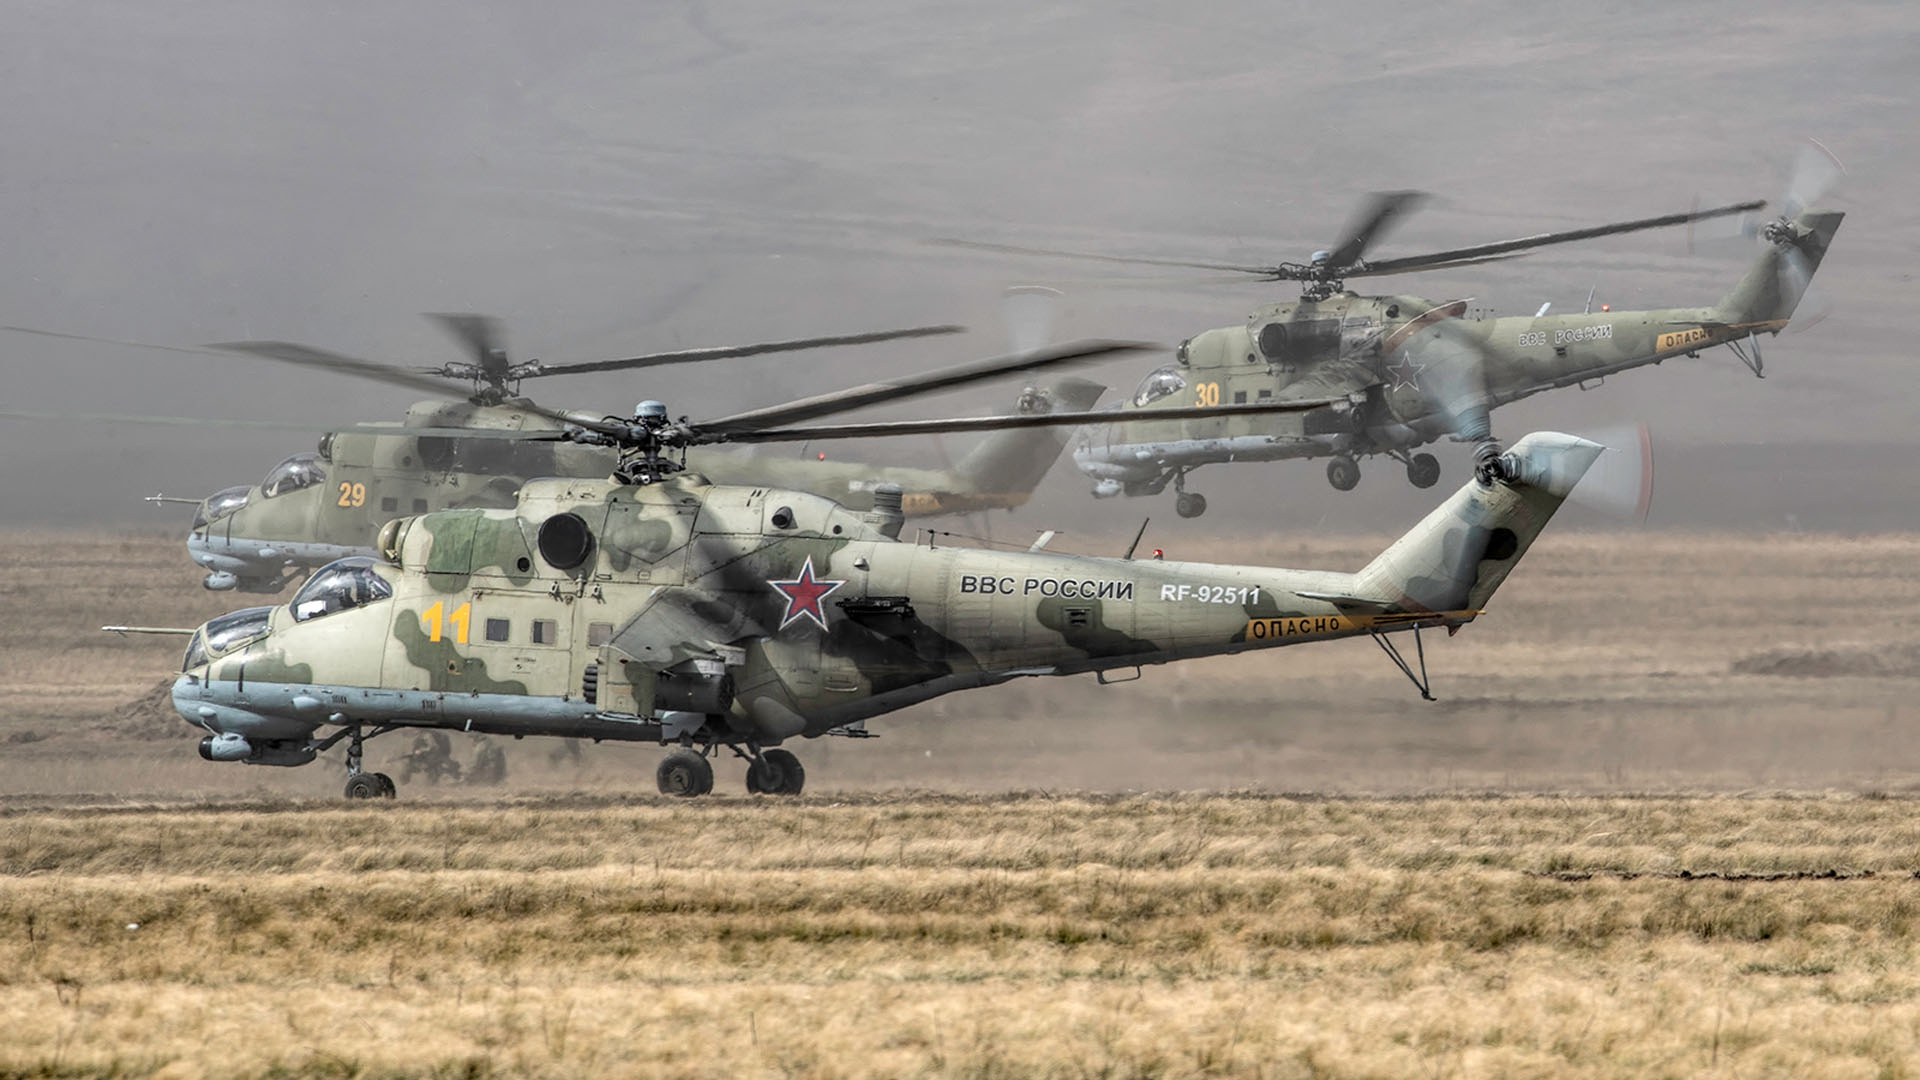 армейская авиация россии фото бойтесь